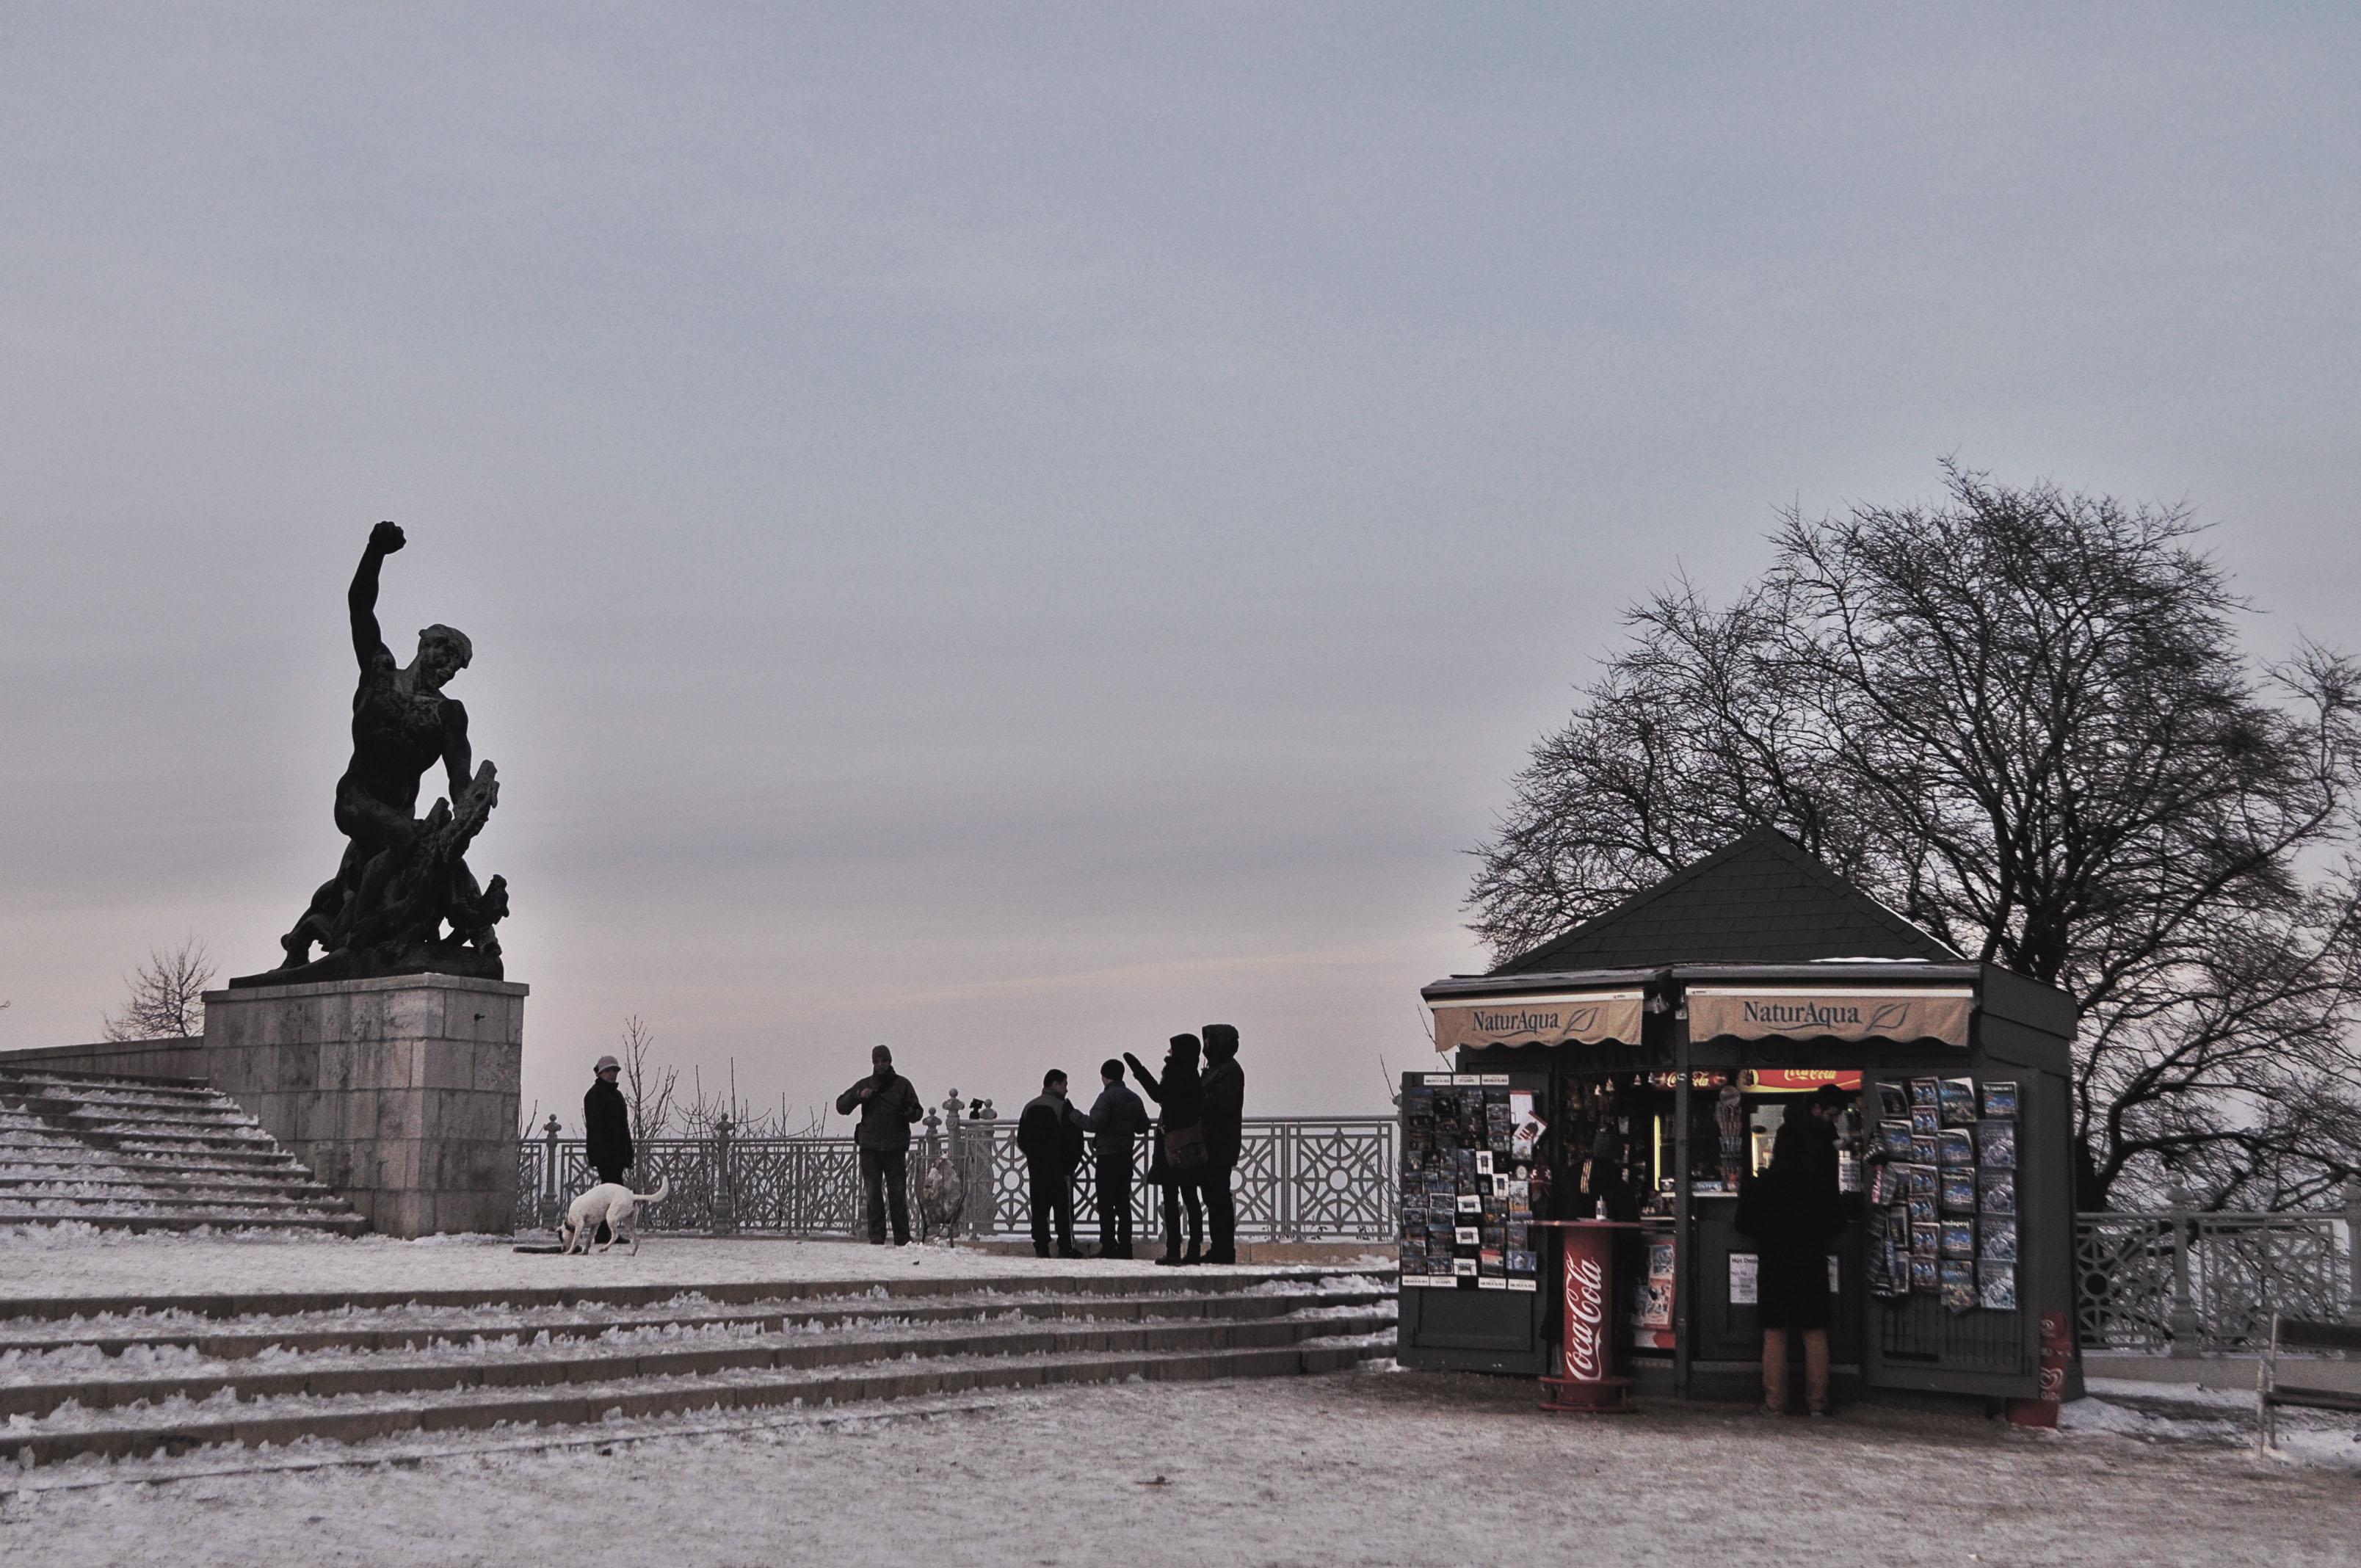 budapest-16-kiosk